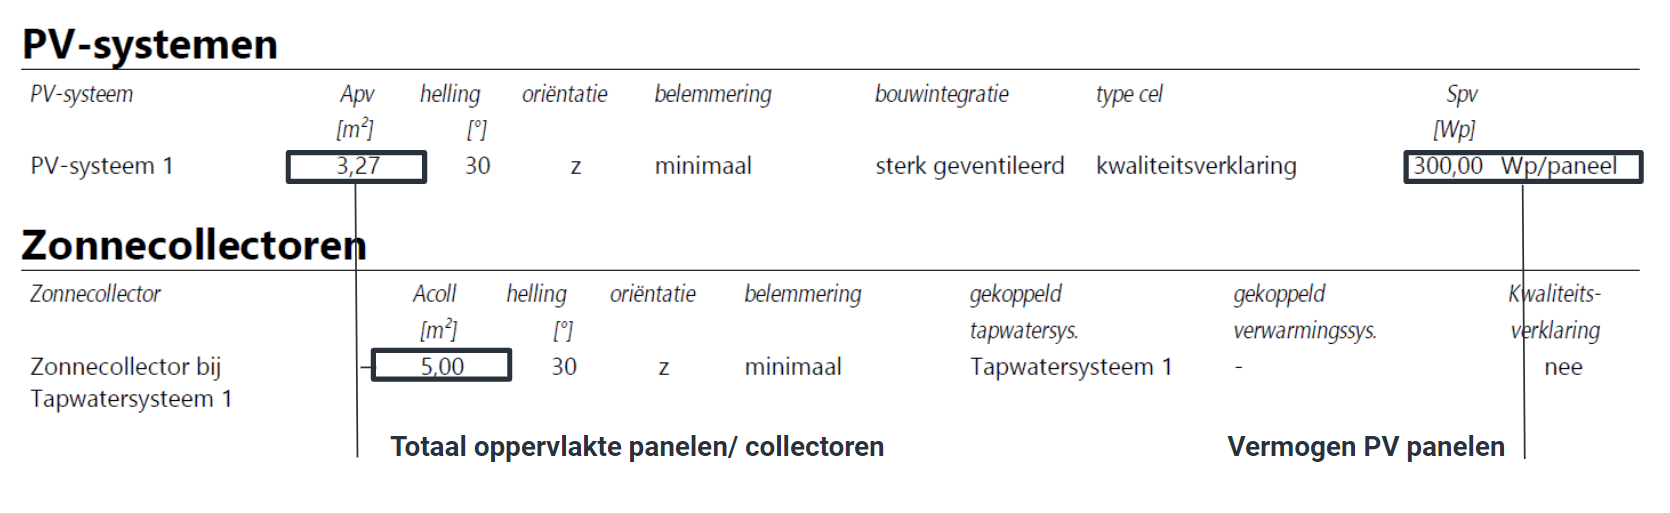 PV systeem en zonnecollectoren EPC